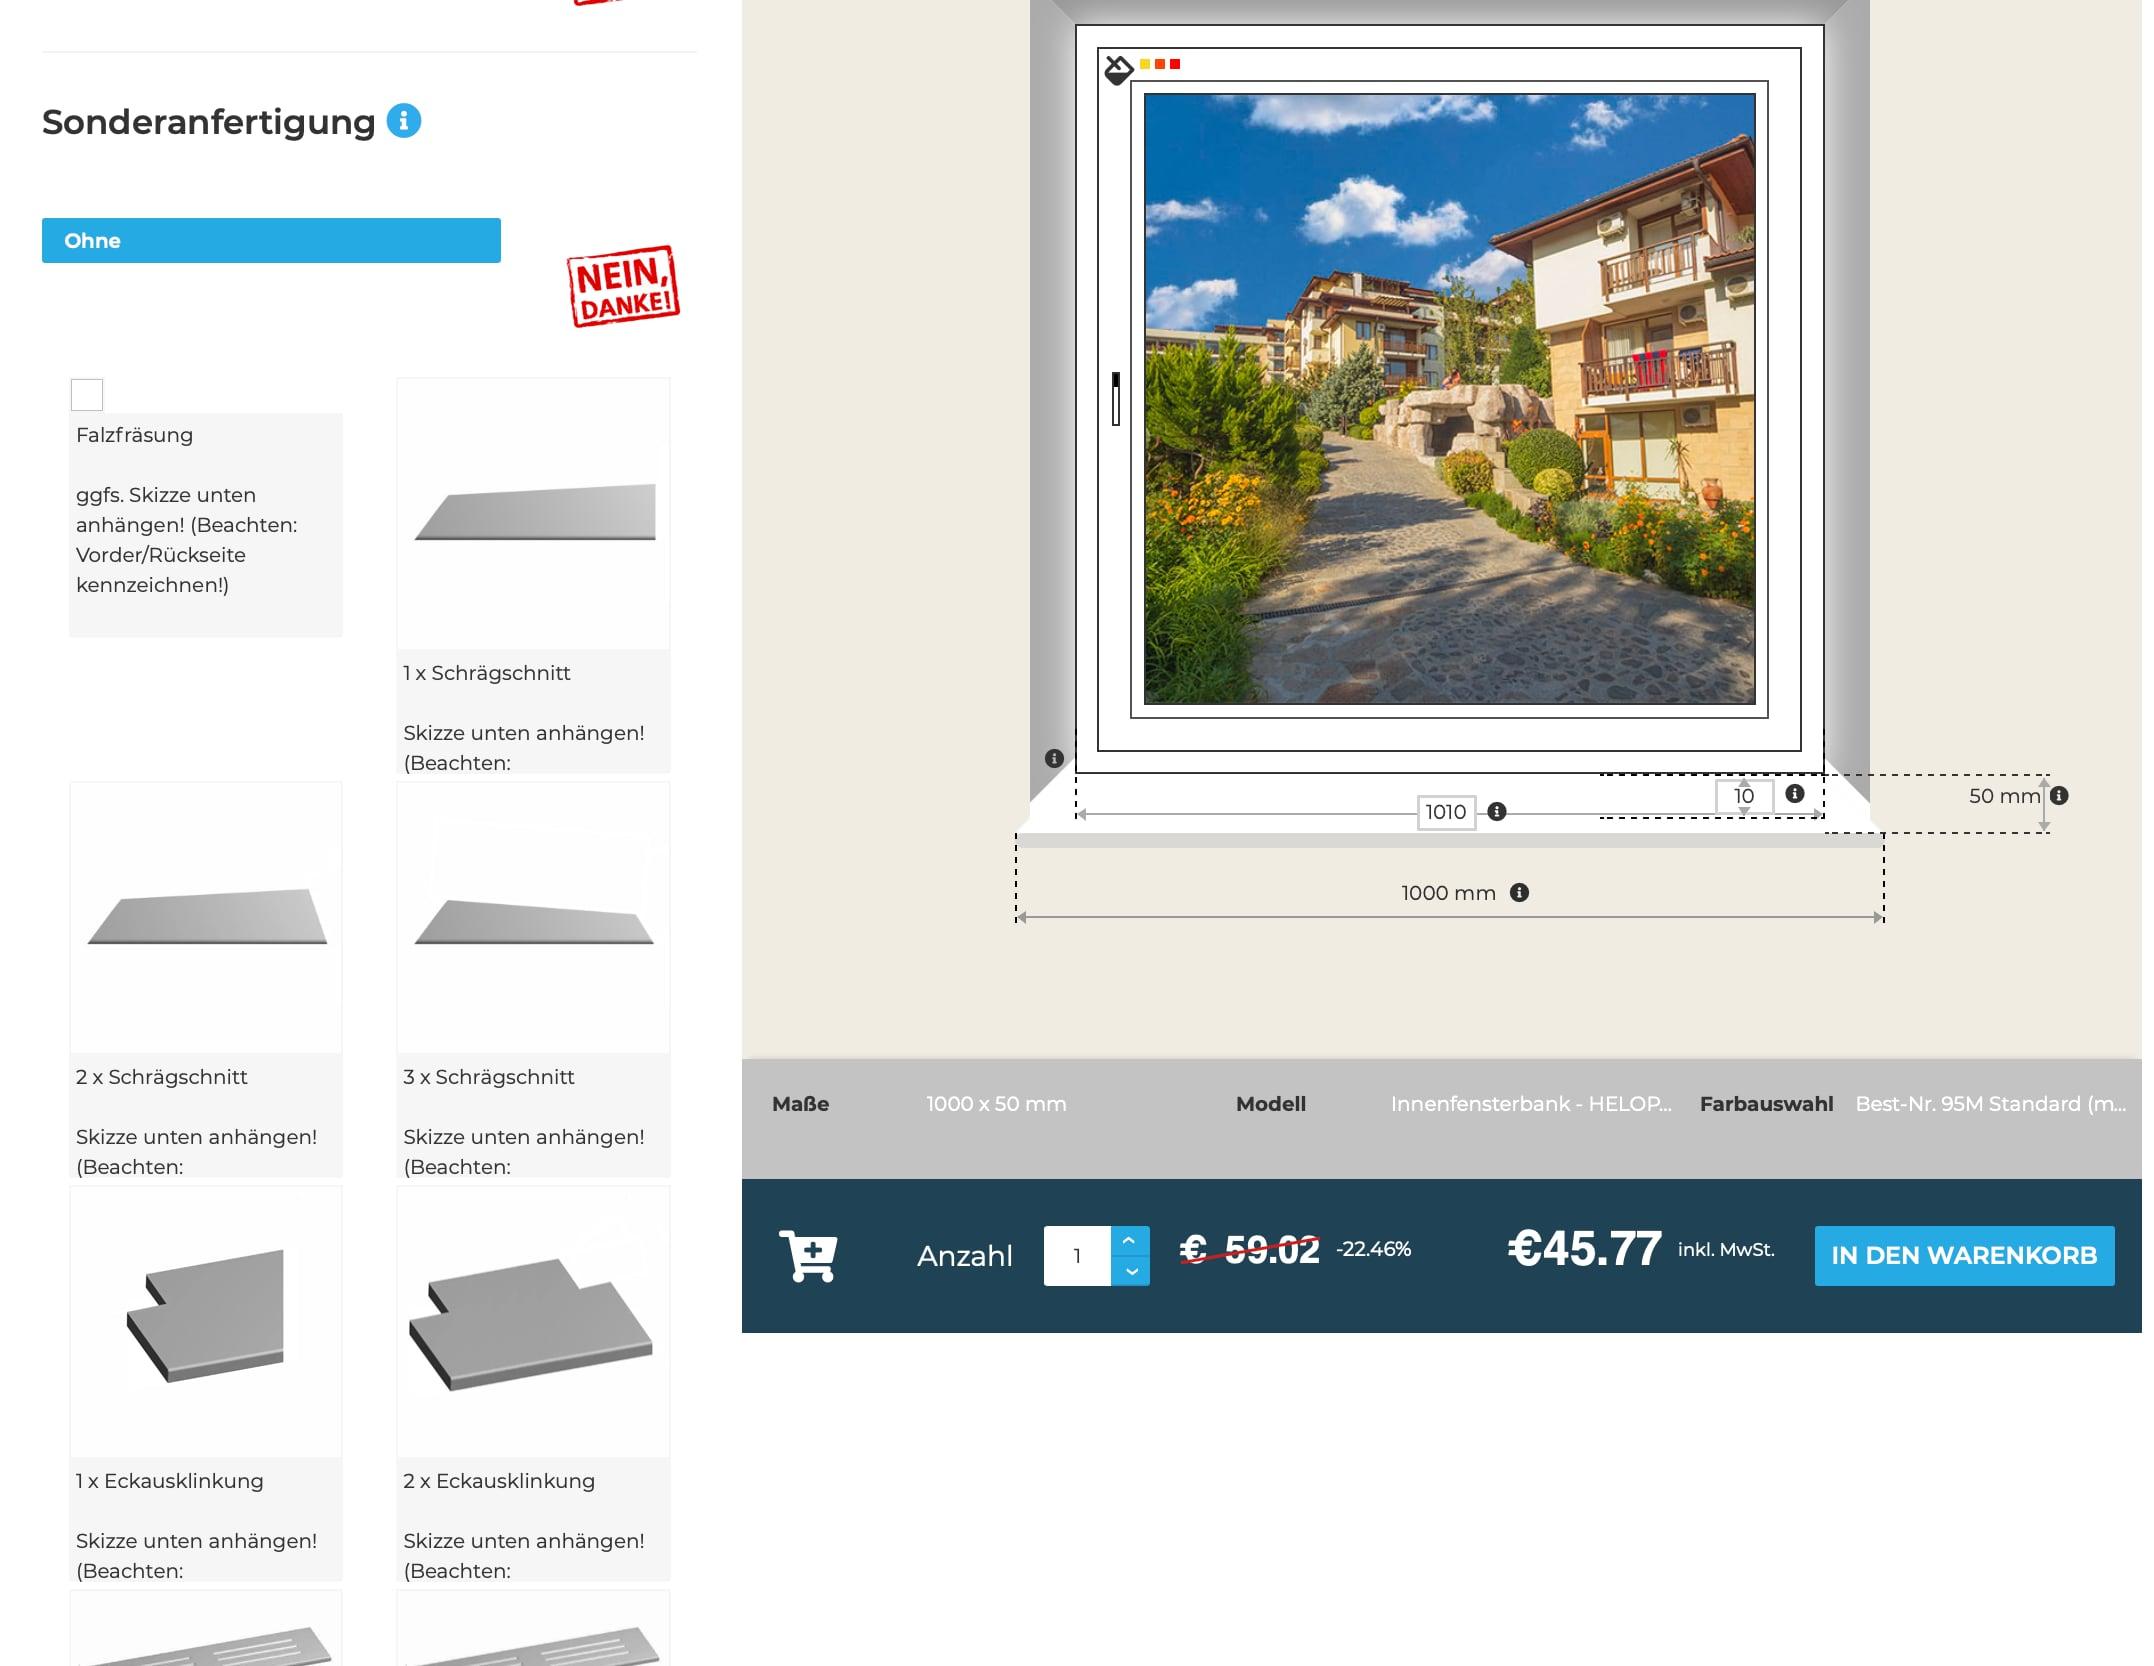 Innenfensterbänke-Online-Konfigurator-Sonderanfertigung